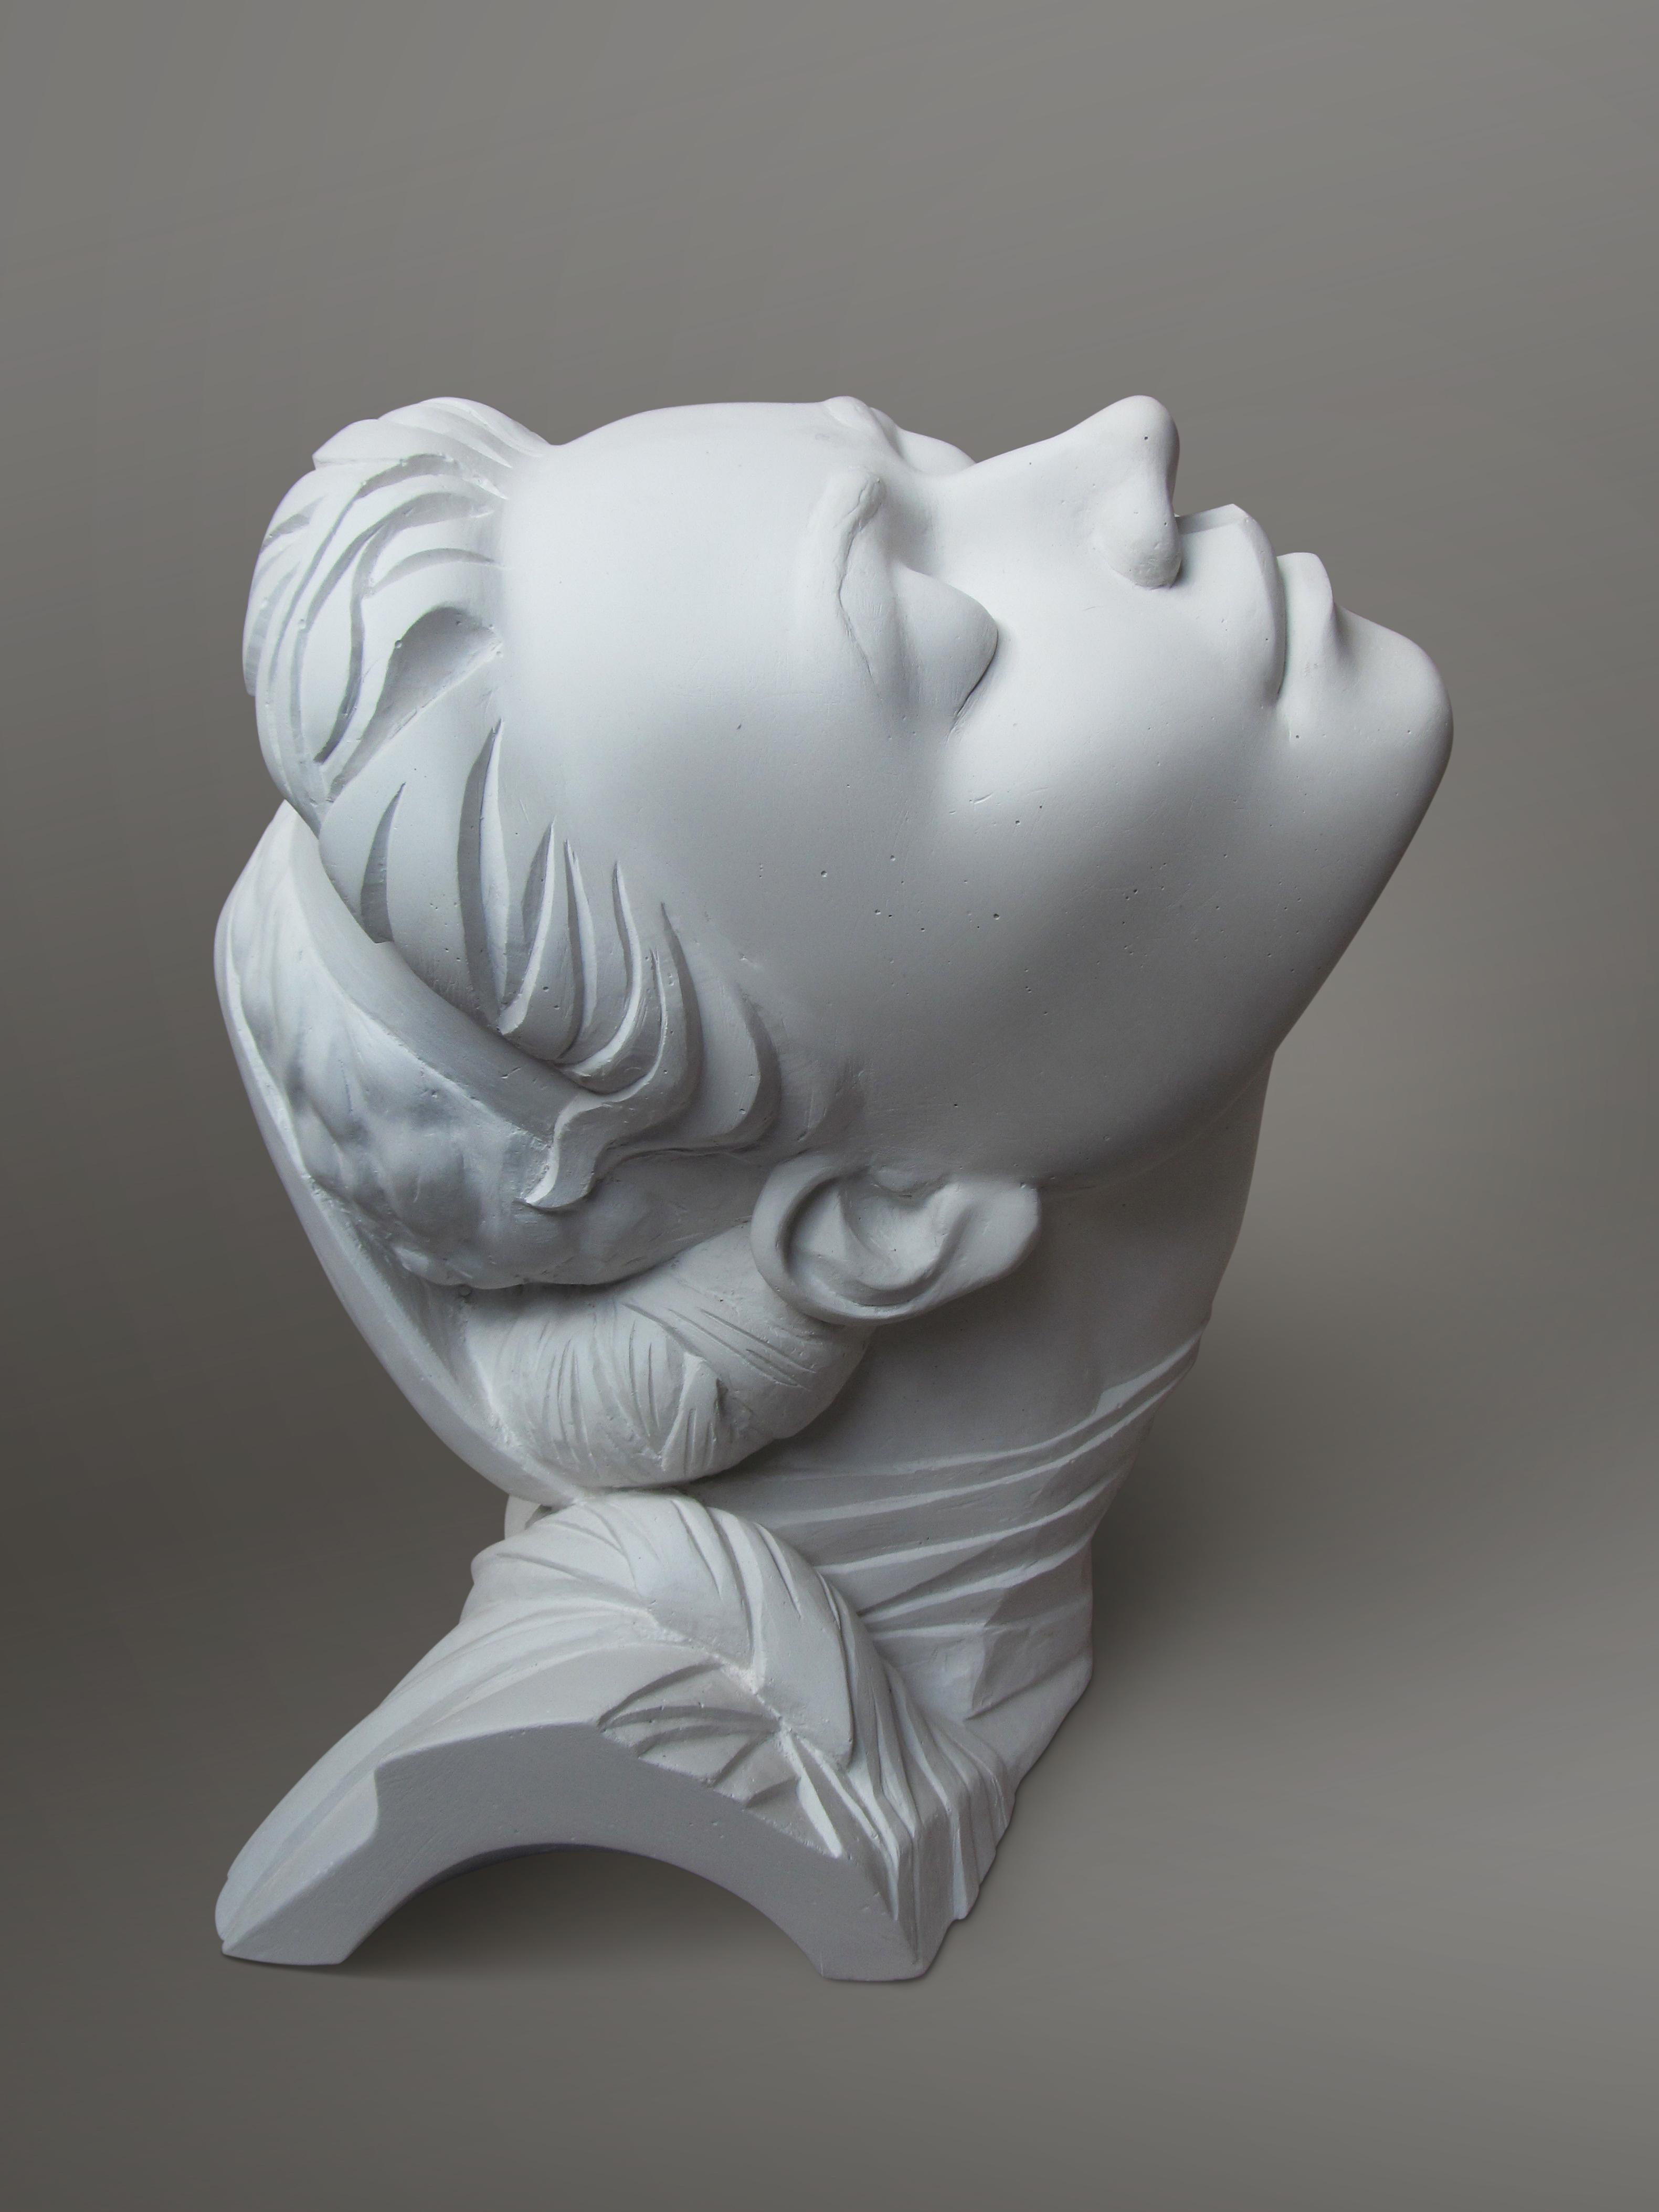 ограждением картинки гипсовых скульптур бревна